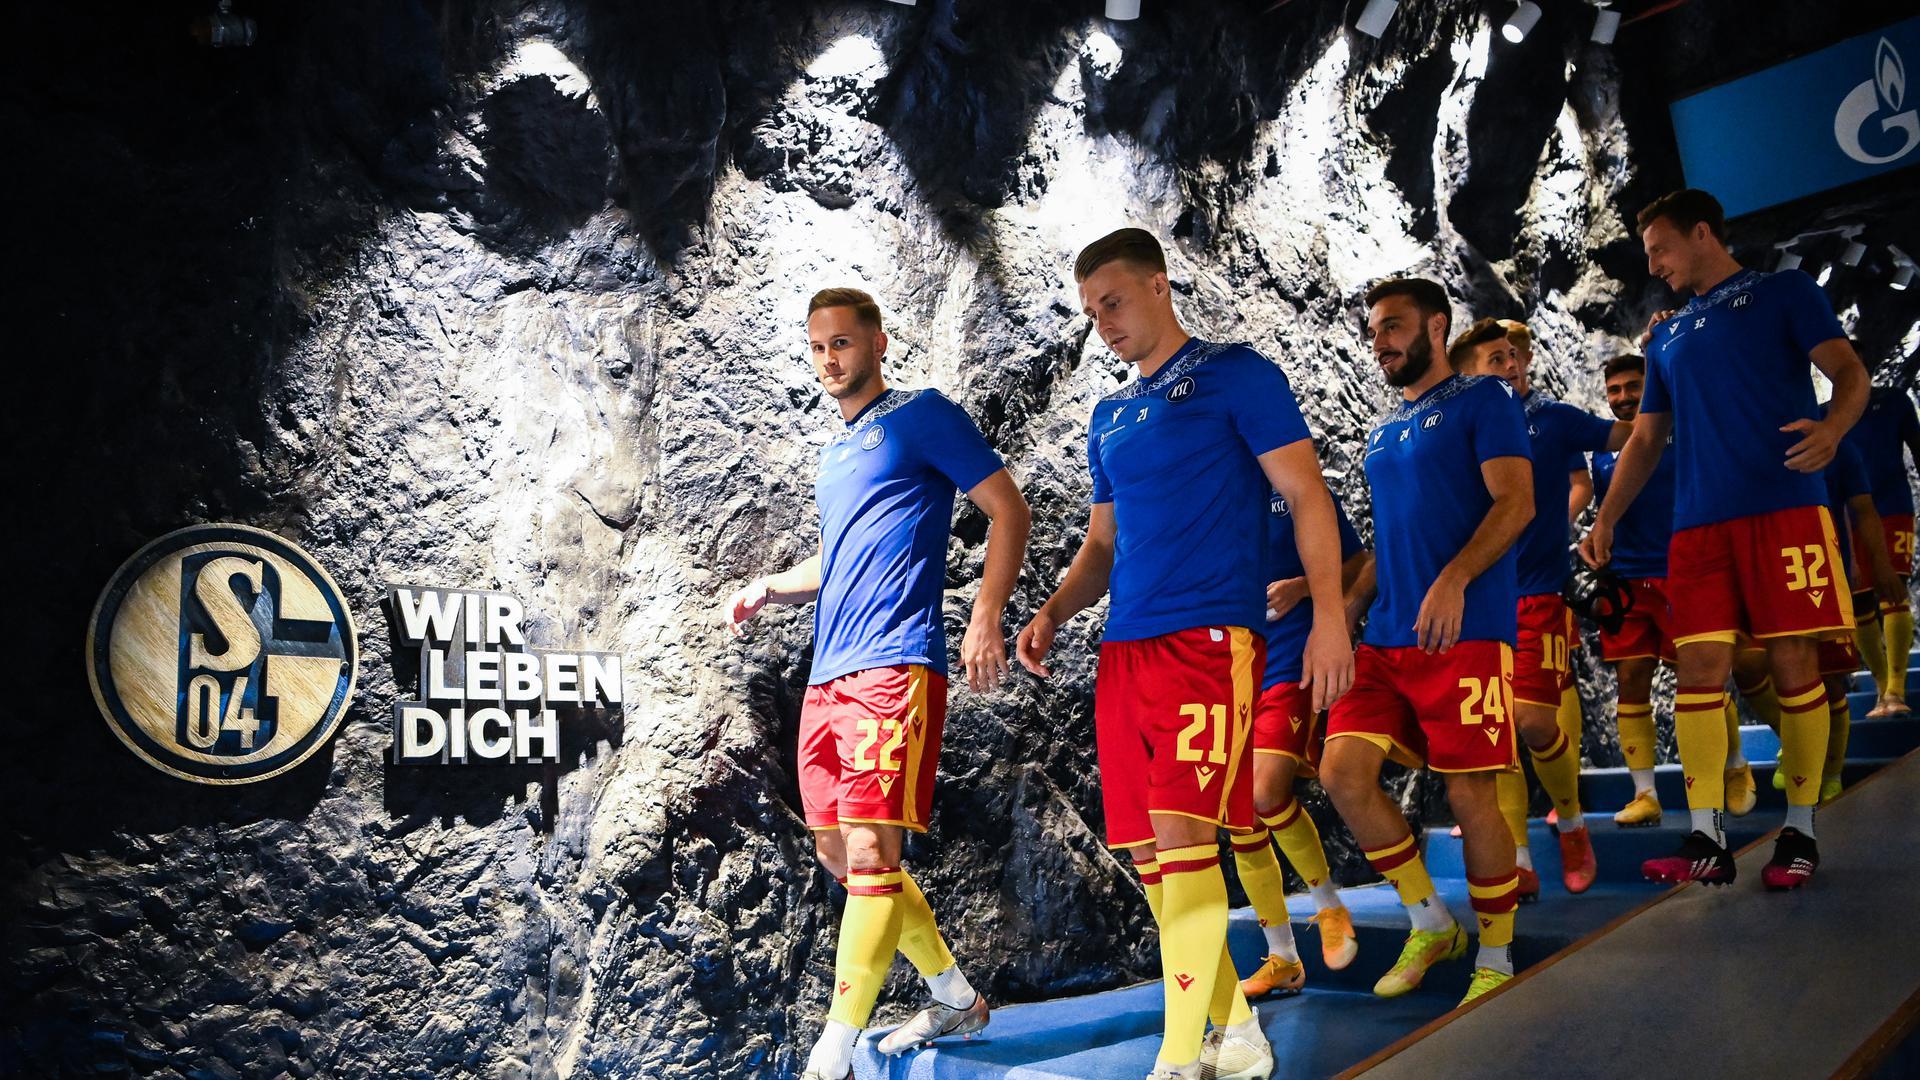 Vor dem Spiel: v.l. Christoph Kobald (KSC), Marco Thiede (KSC), Fabian Schleusener (KSC), Robin Bormuth (KSC).